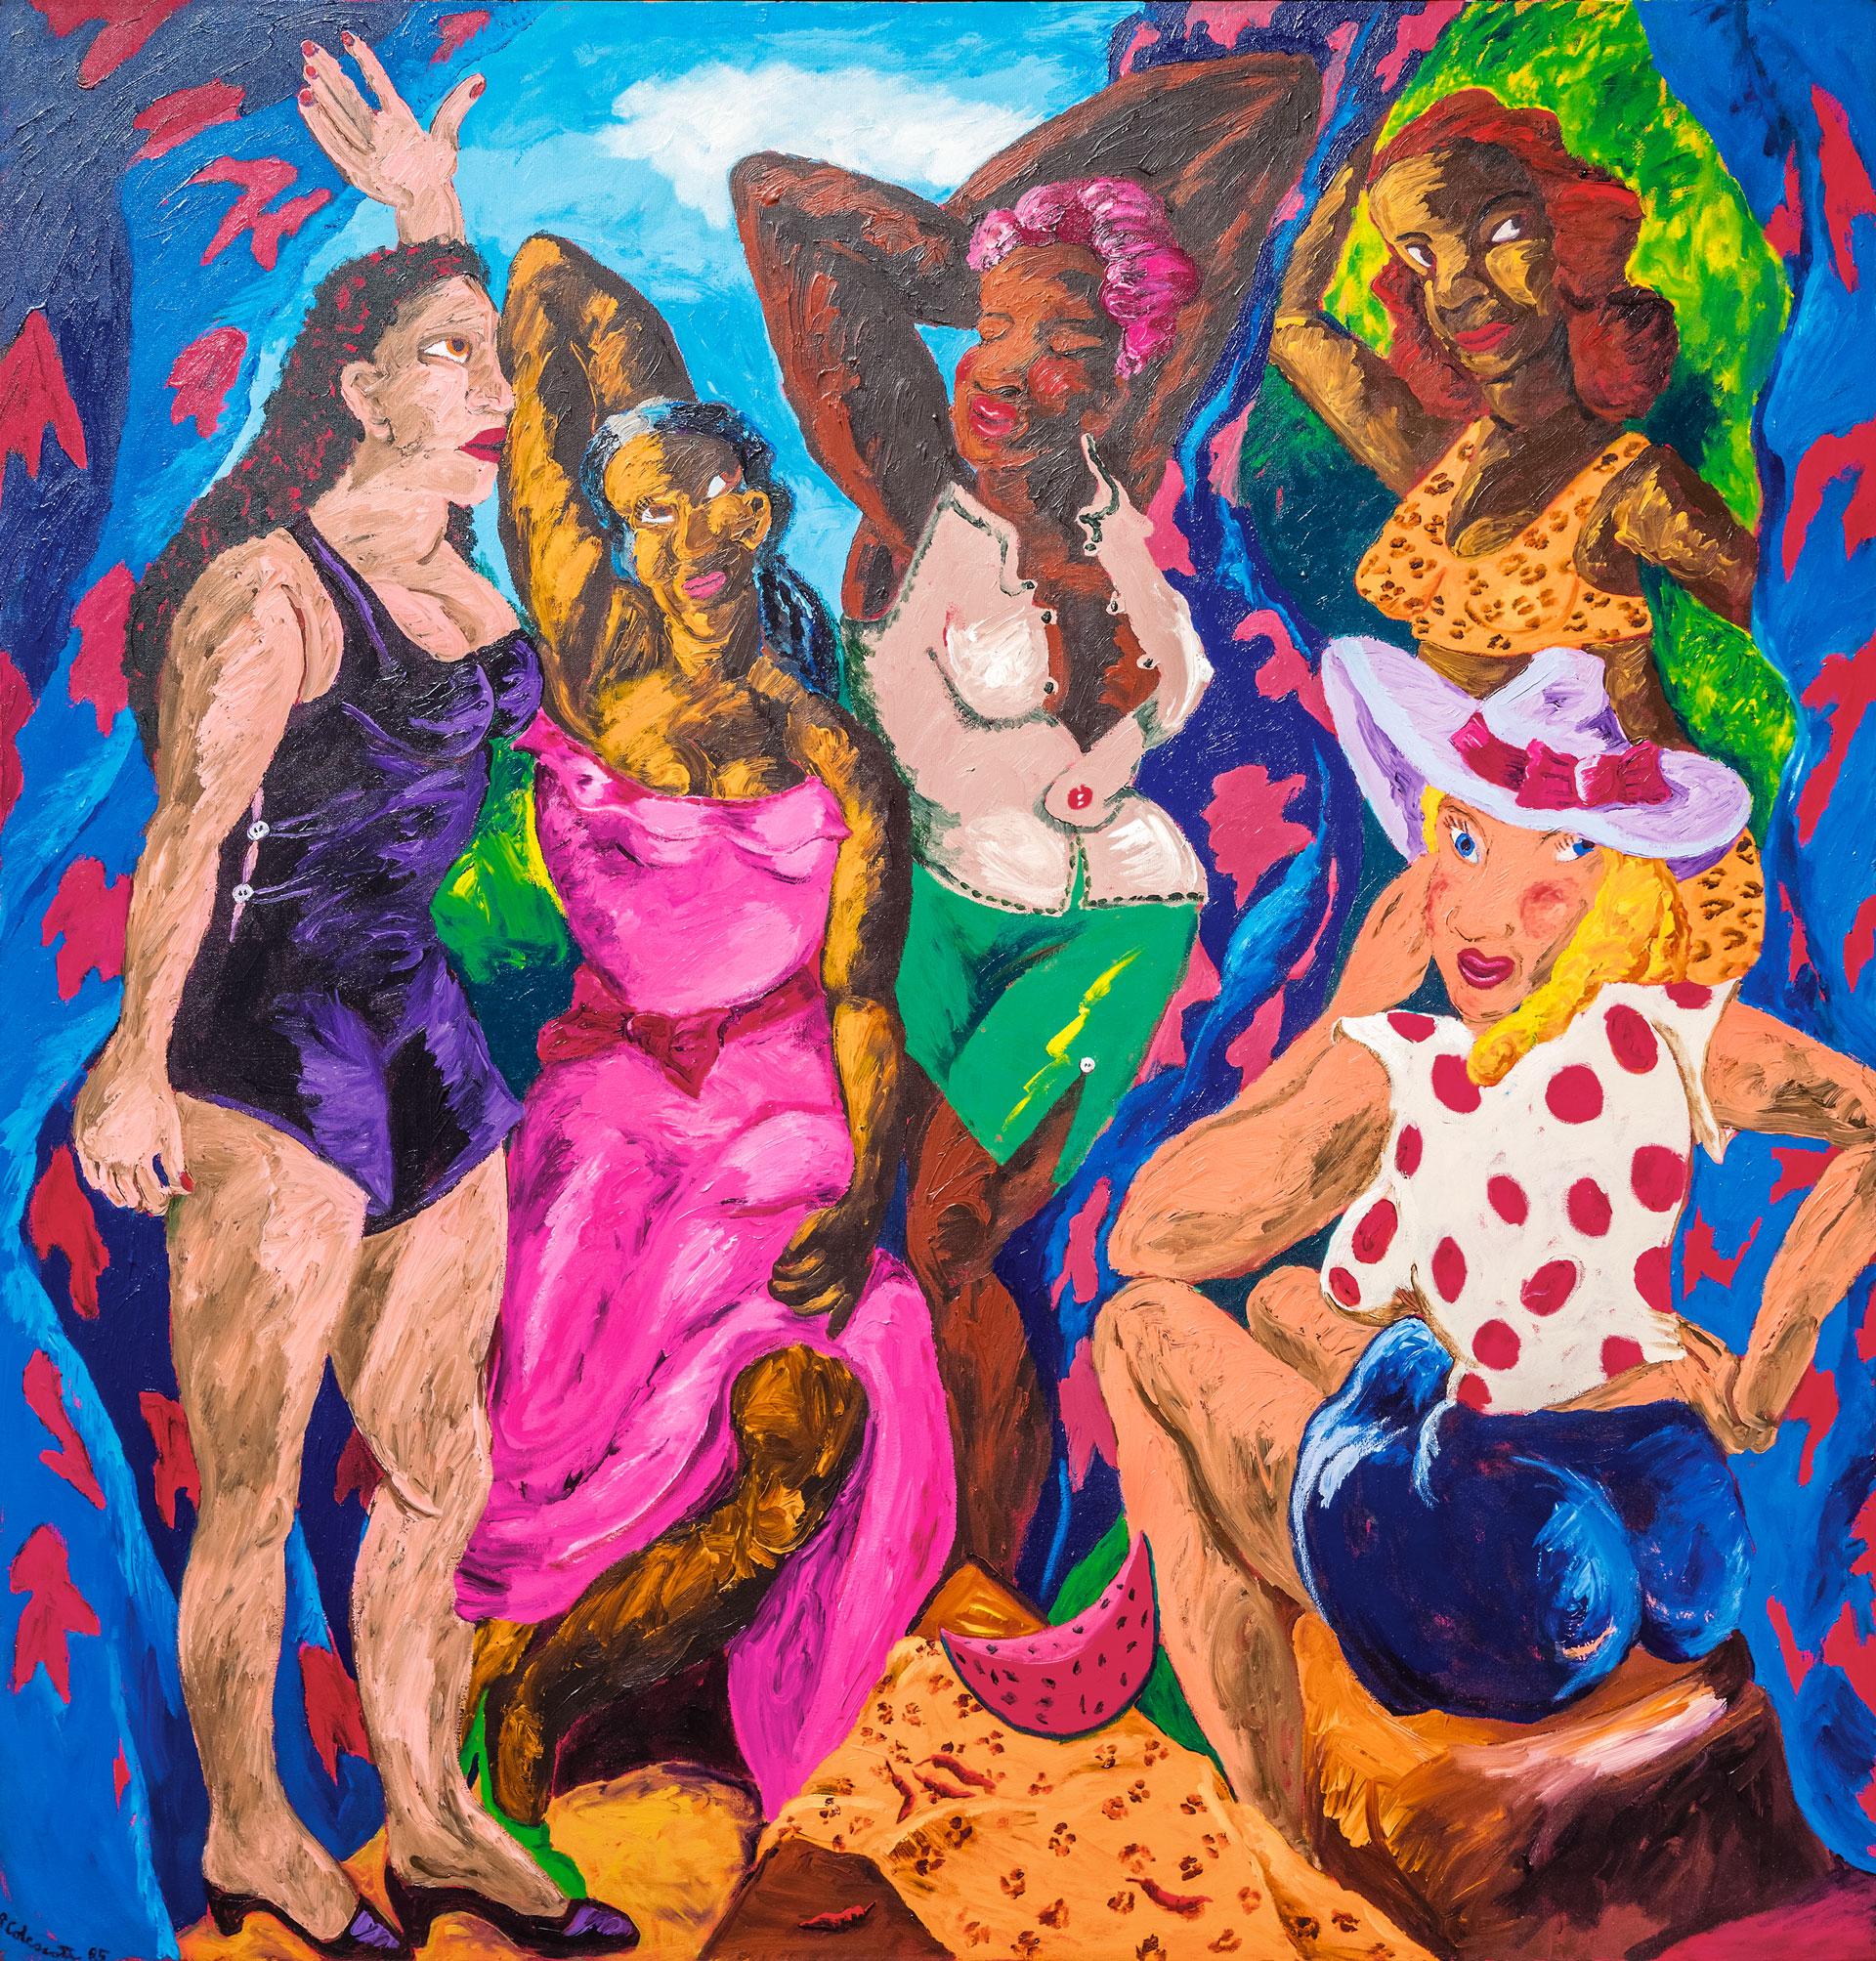 Les Demoiselles d'Alabama: Vestidas by Robert Colescott